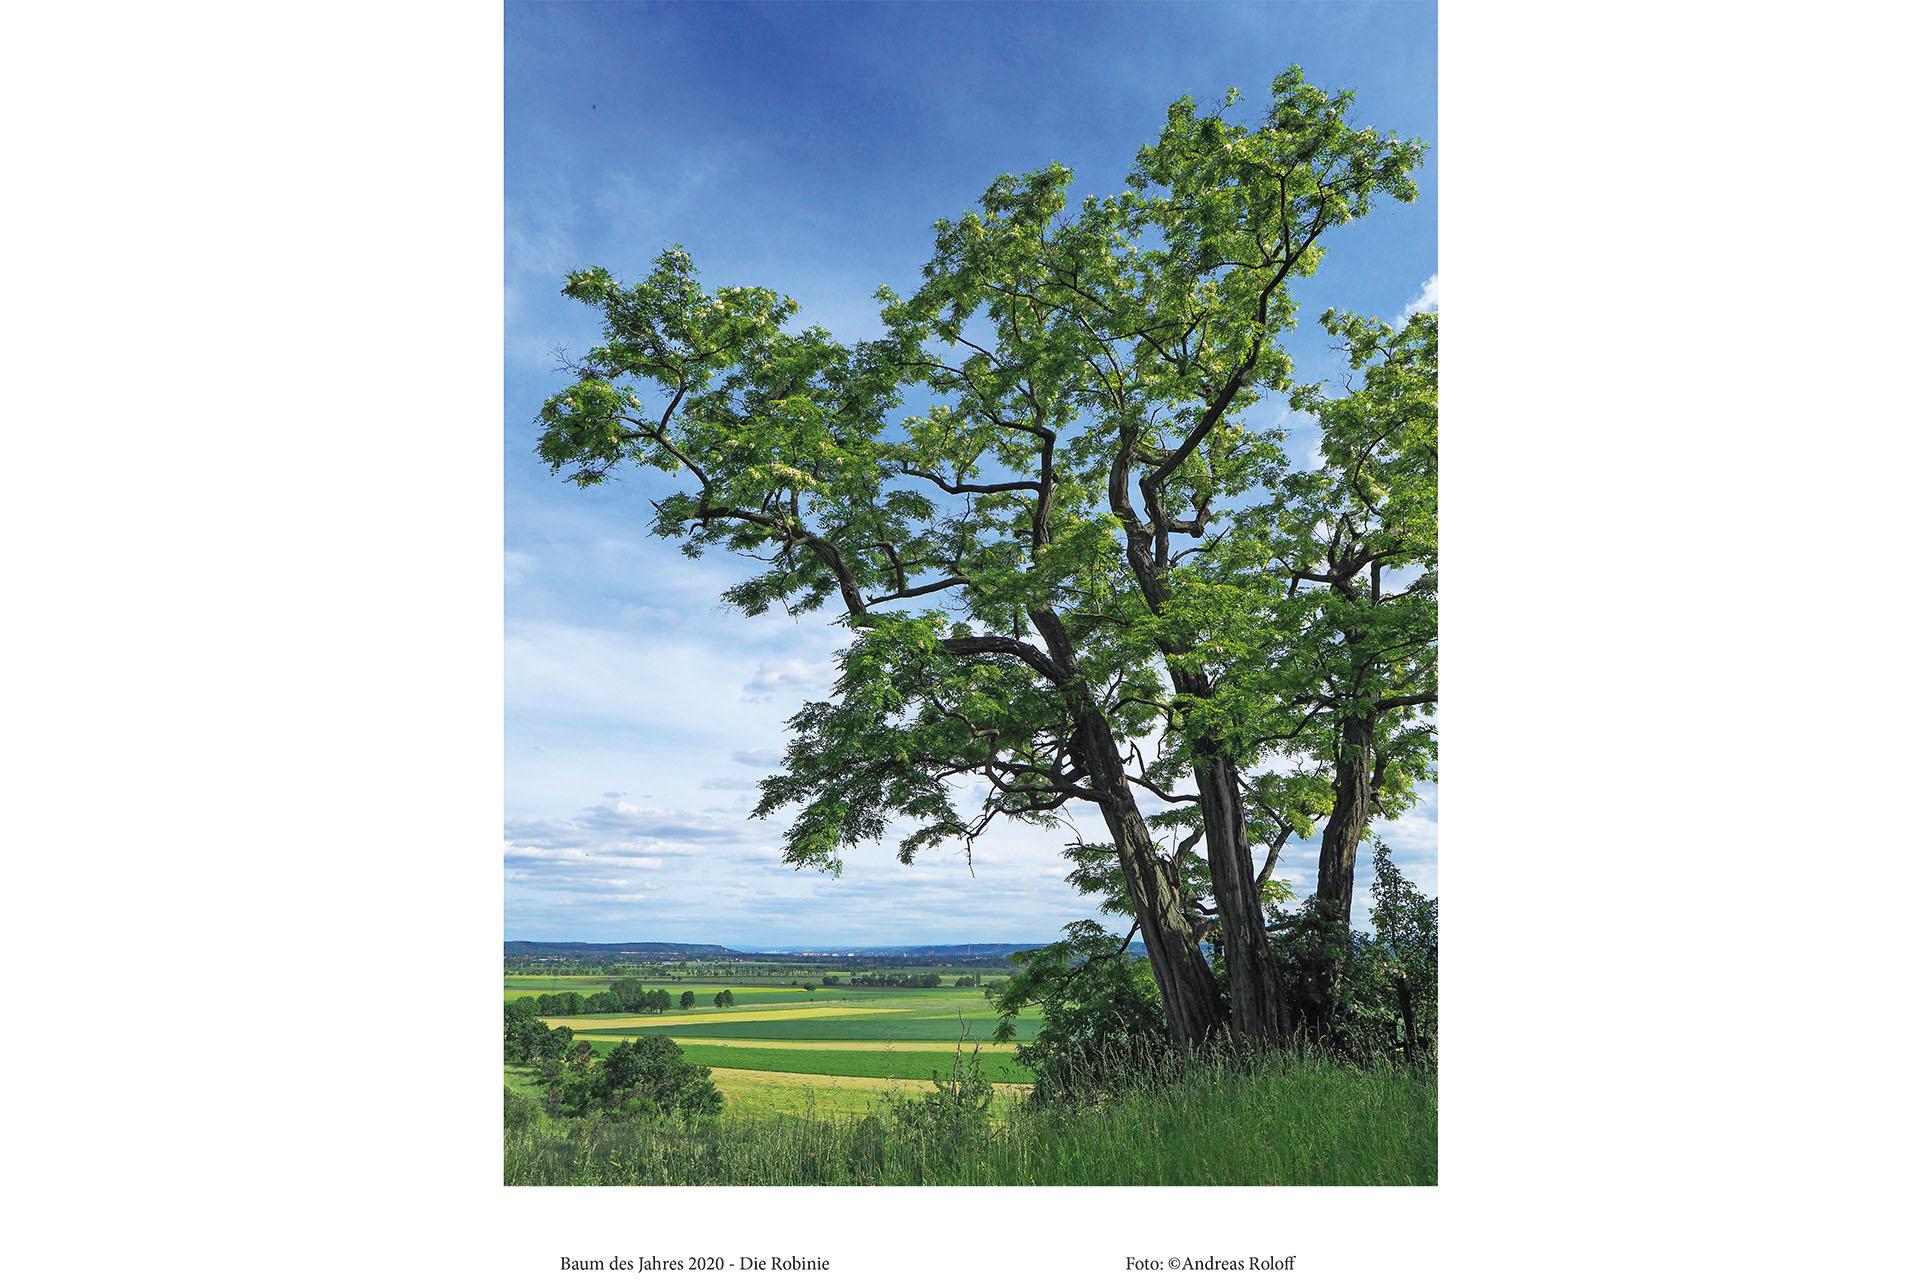 Die Robinie ist Baum des Jahres 2020